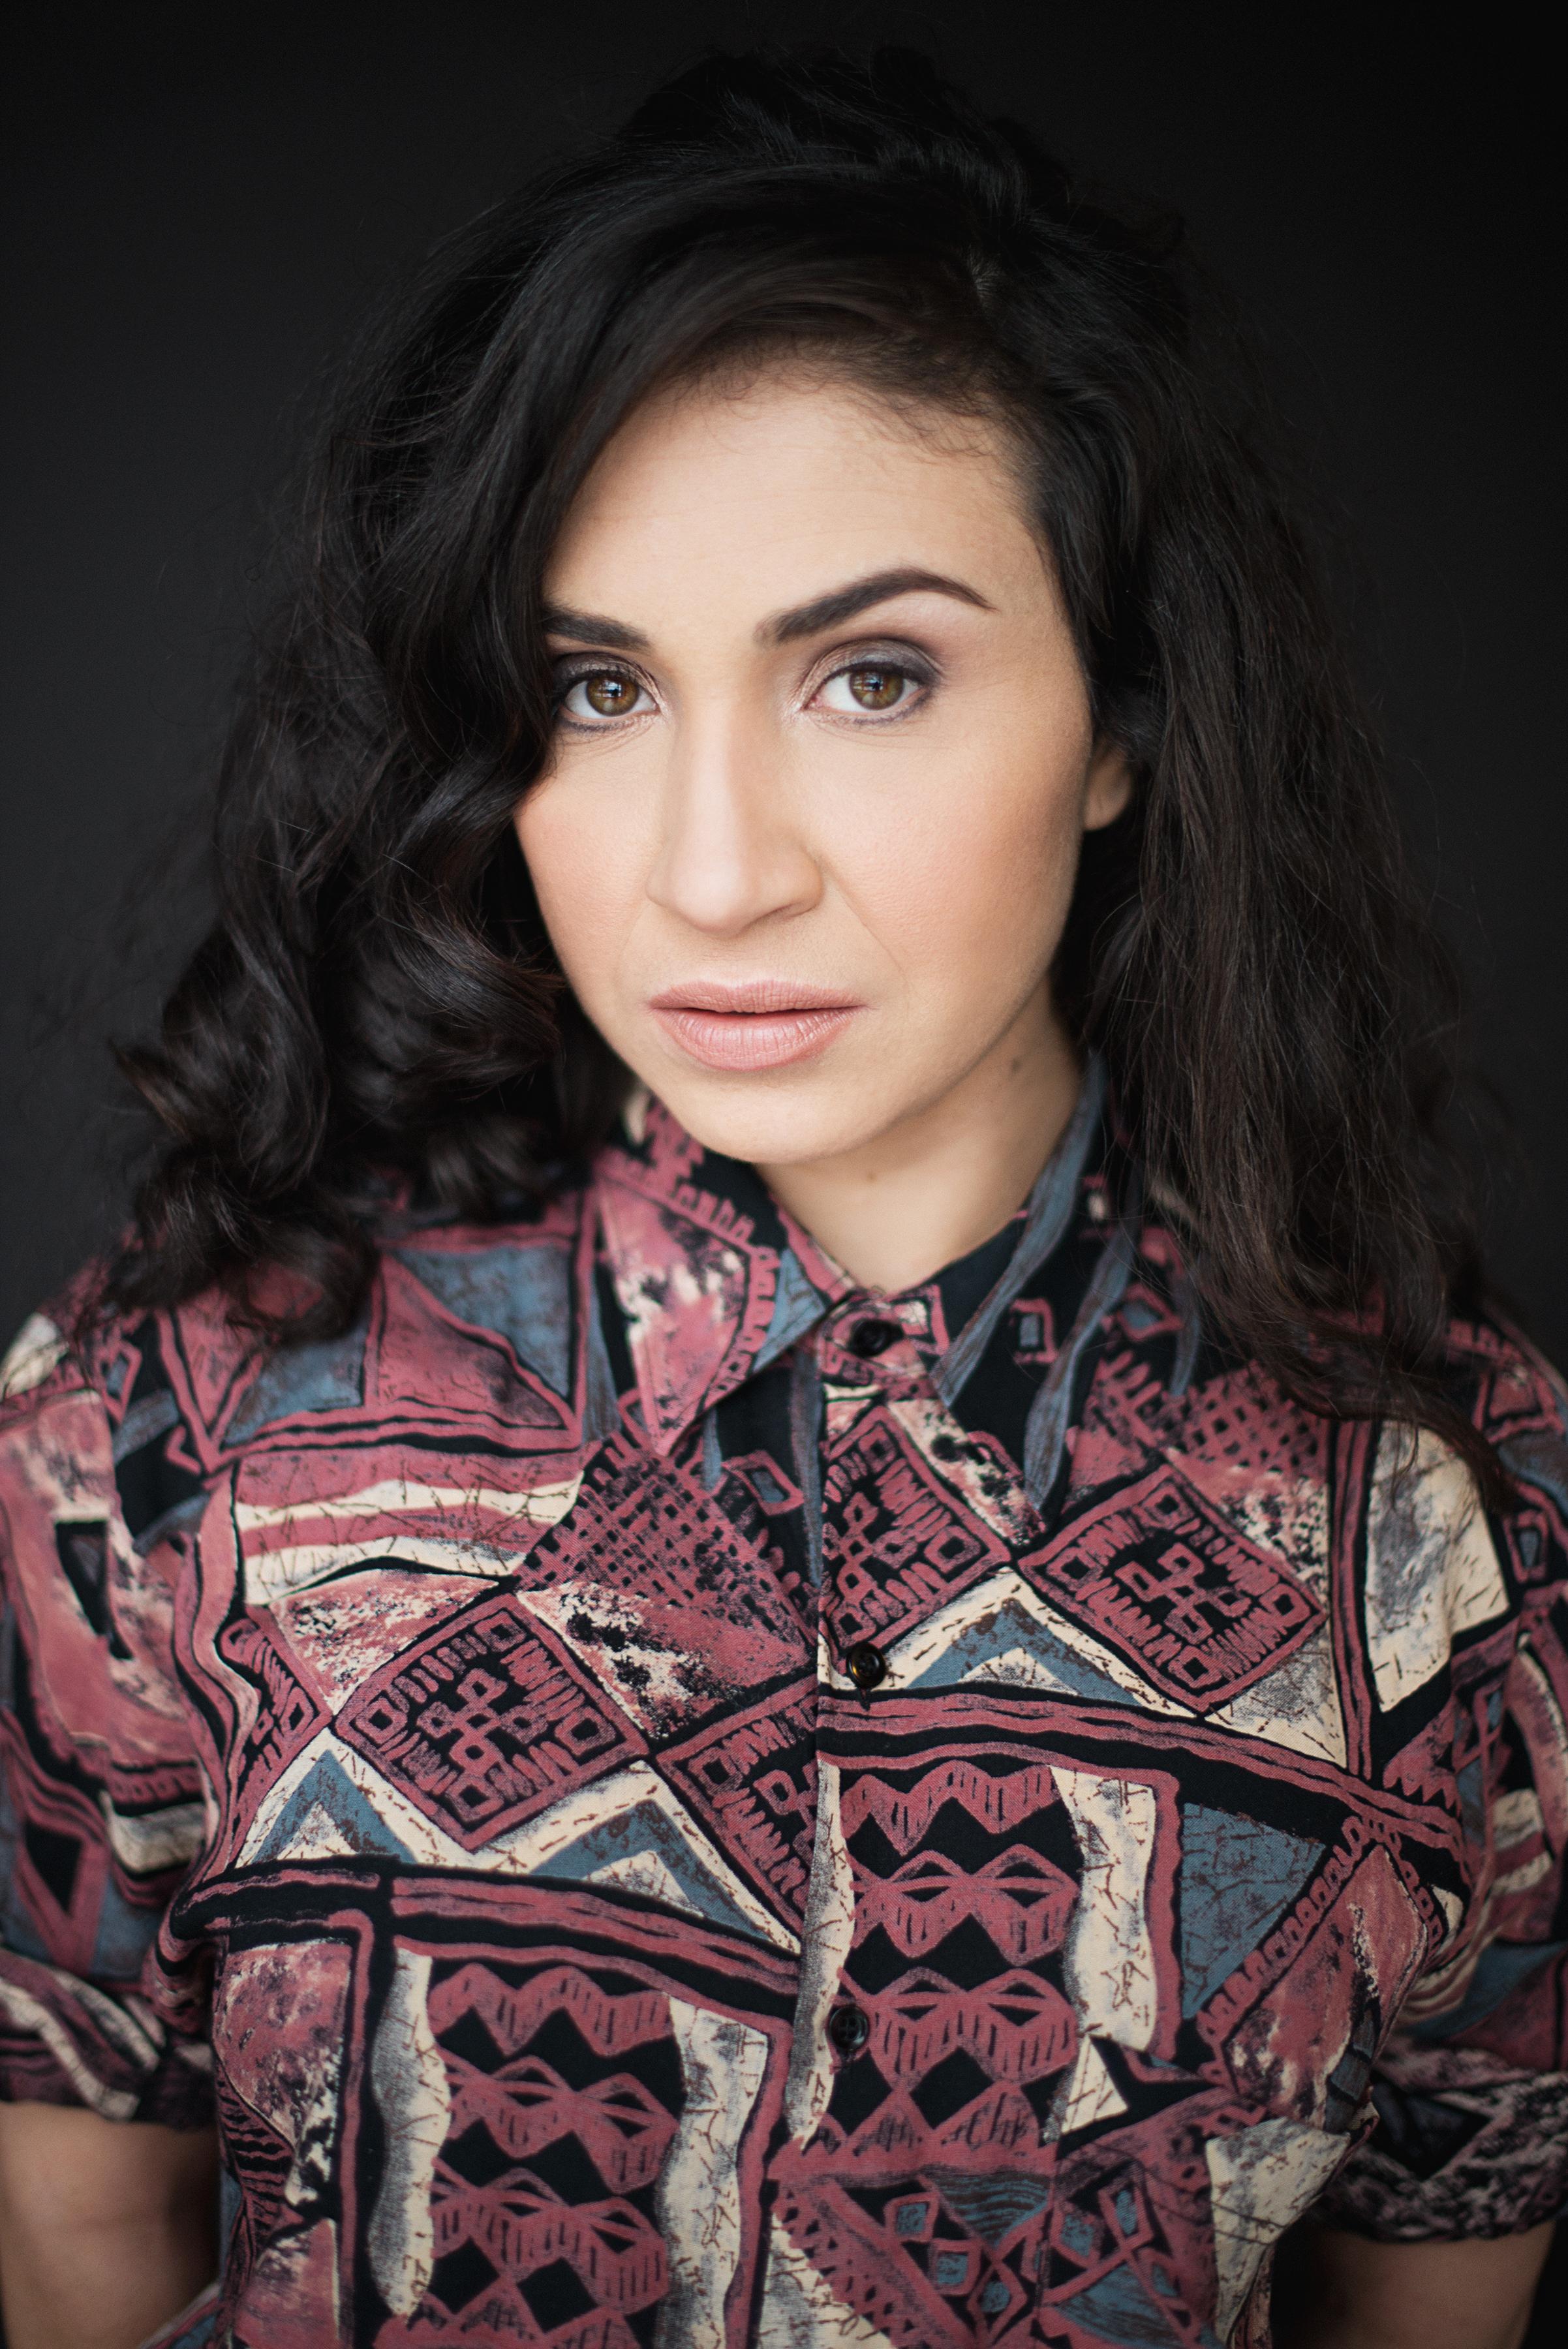 [ENTREVUE] Ariane Castellanos : portrait d'une actrice aux mille talents